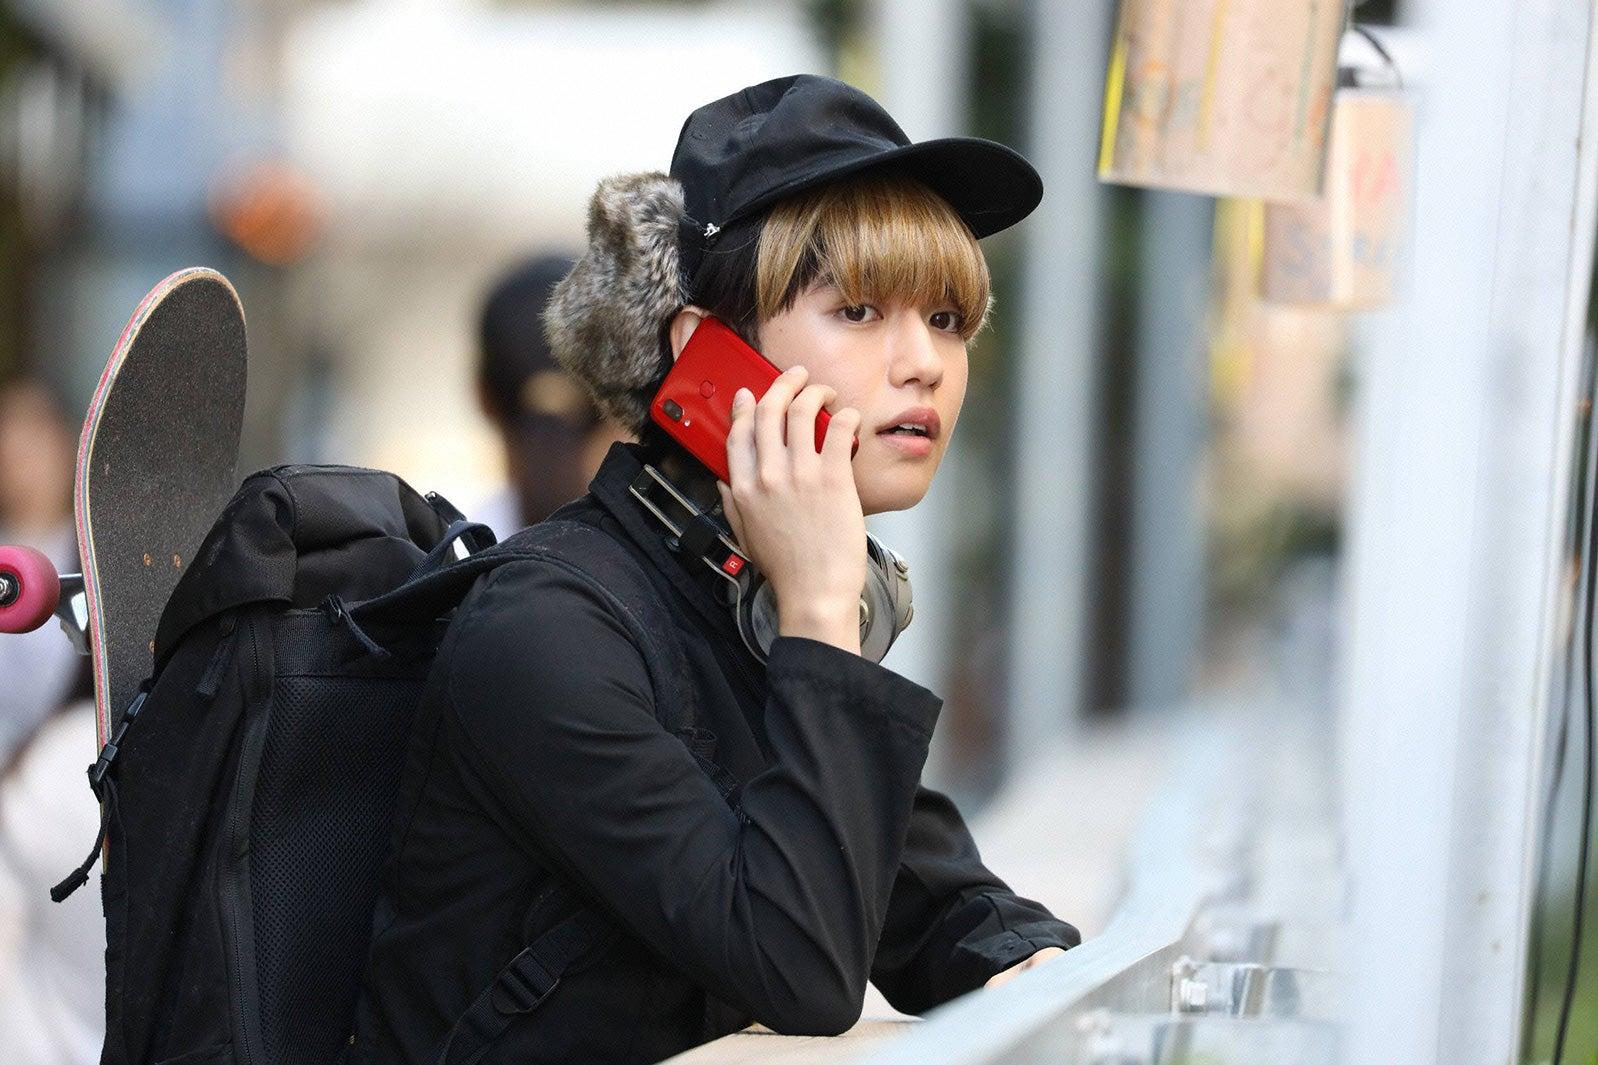 月9「シャーロック」情報屋のスケボー少年・レオ役で注目 可愛